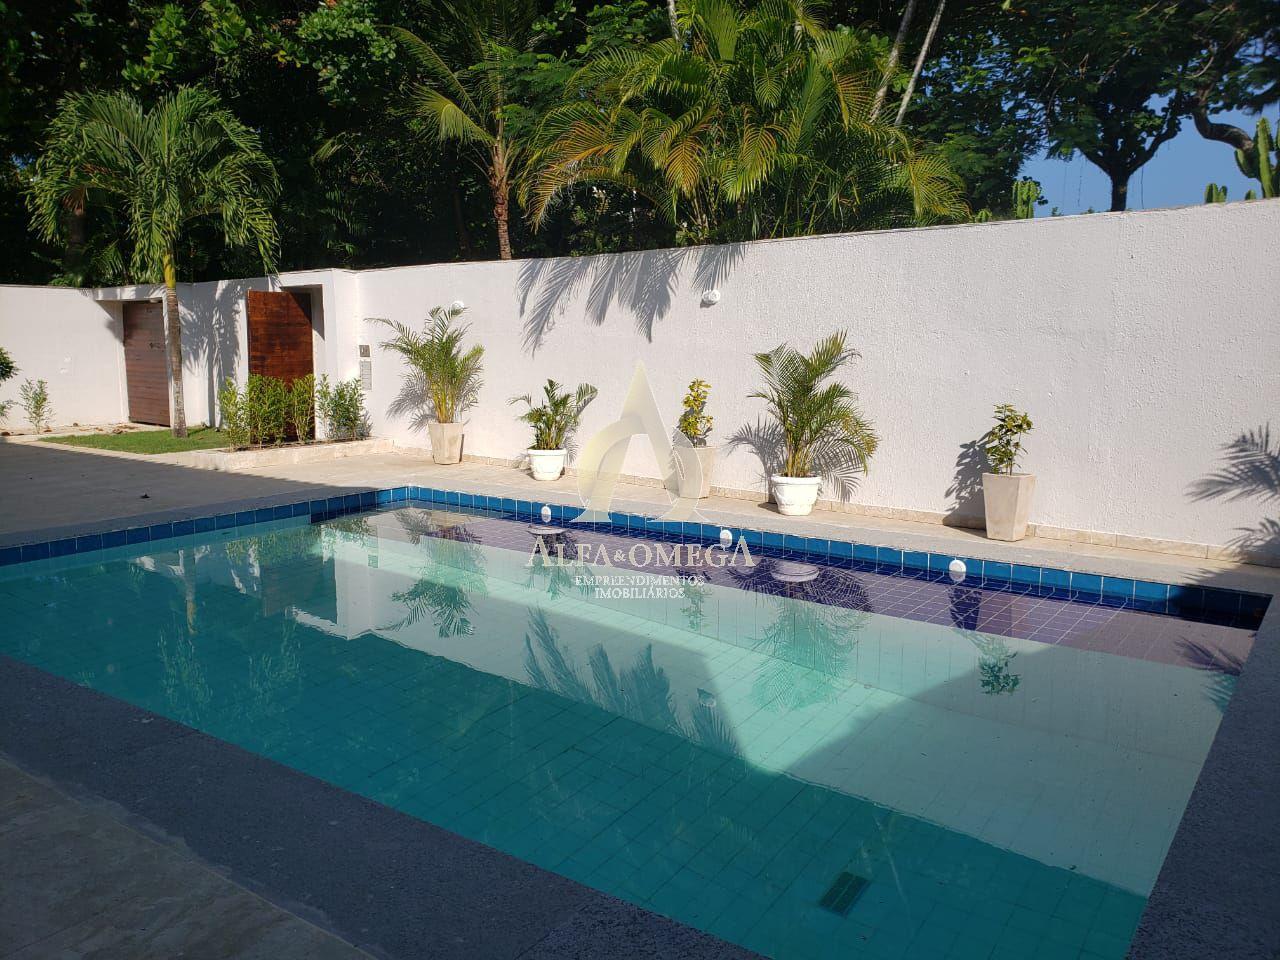 FOTO 1 - Casa 5 quartos à venda Barra da Tijuca, Rio de Janeiro - R$ 4.500.000 - AOJC60115 - 1